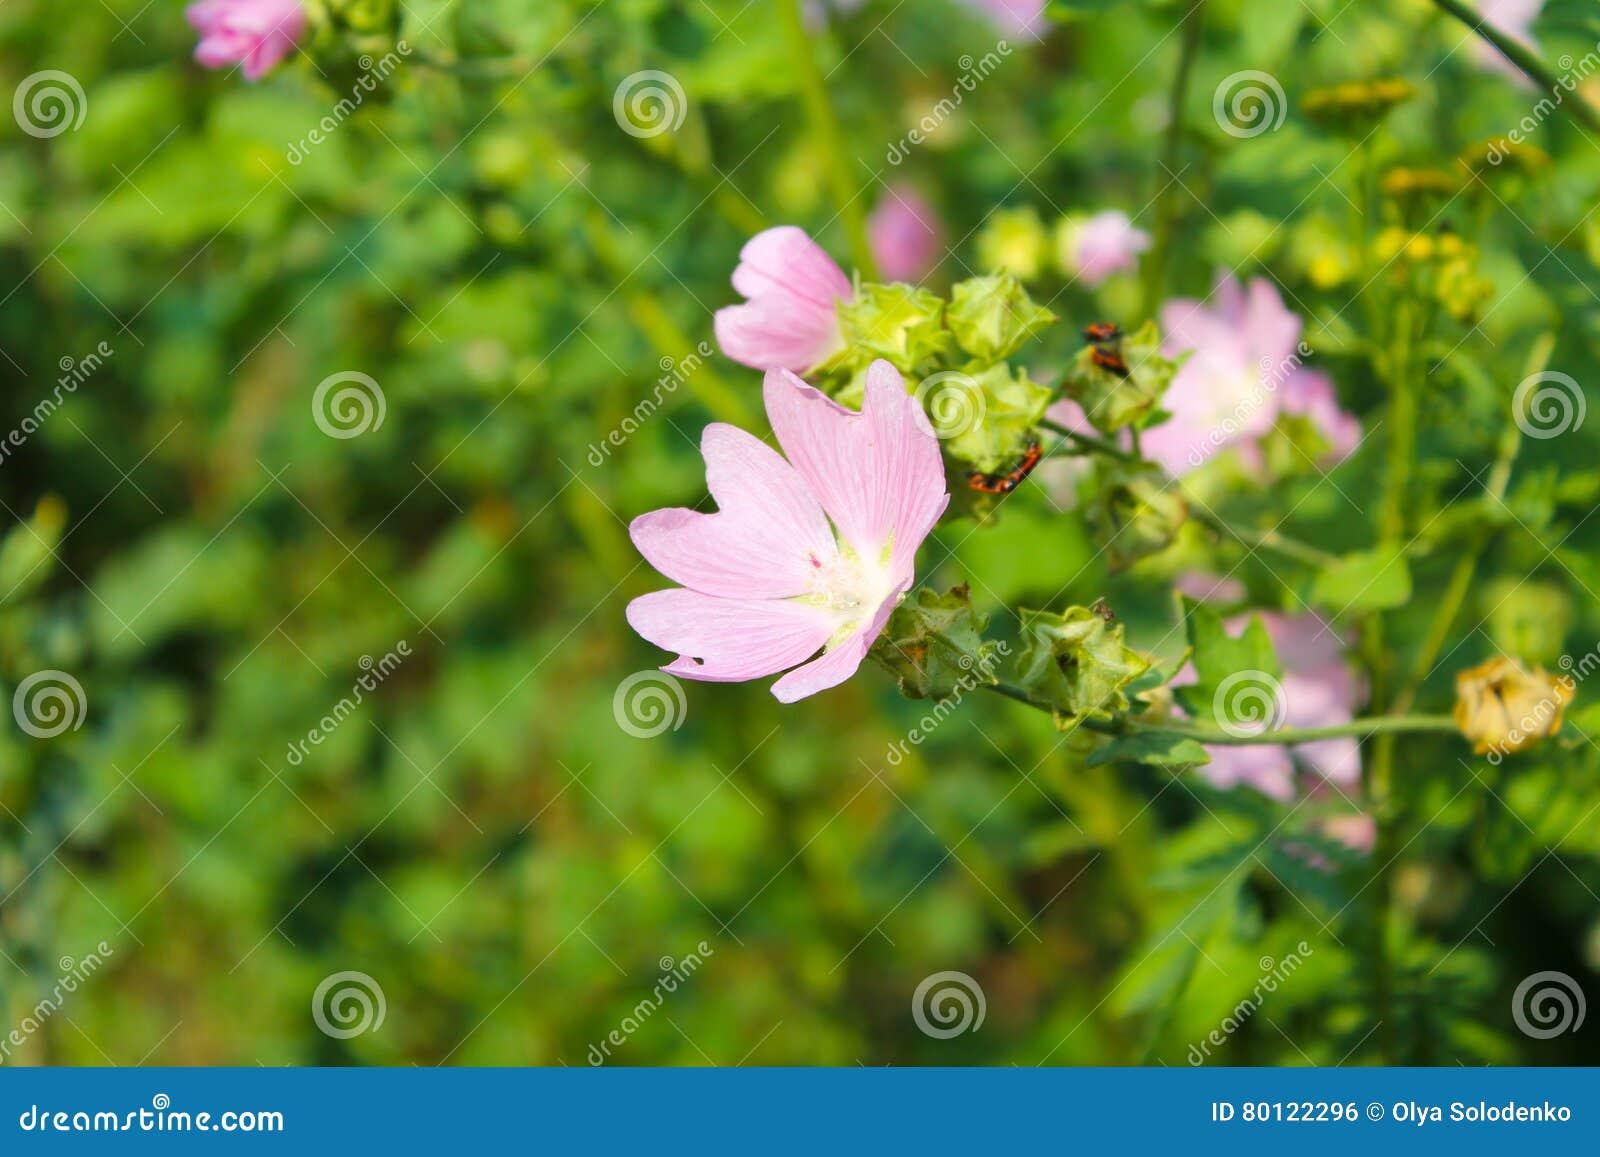 Wilde roze malve